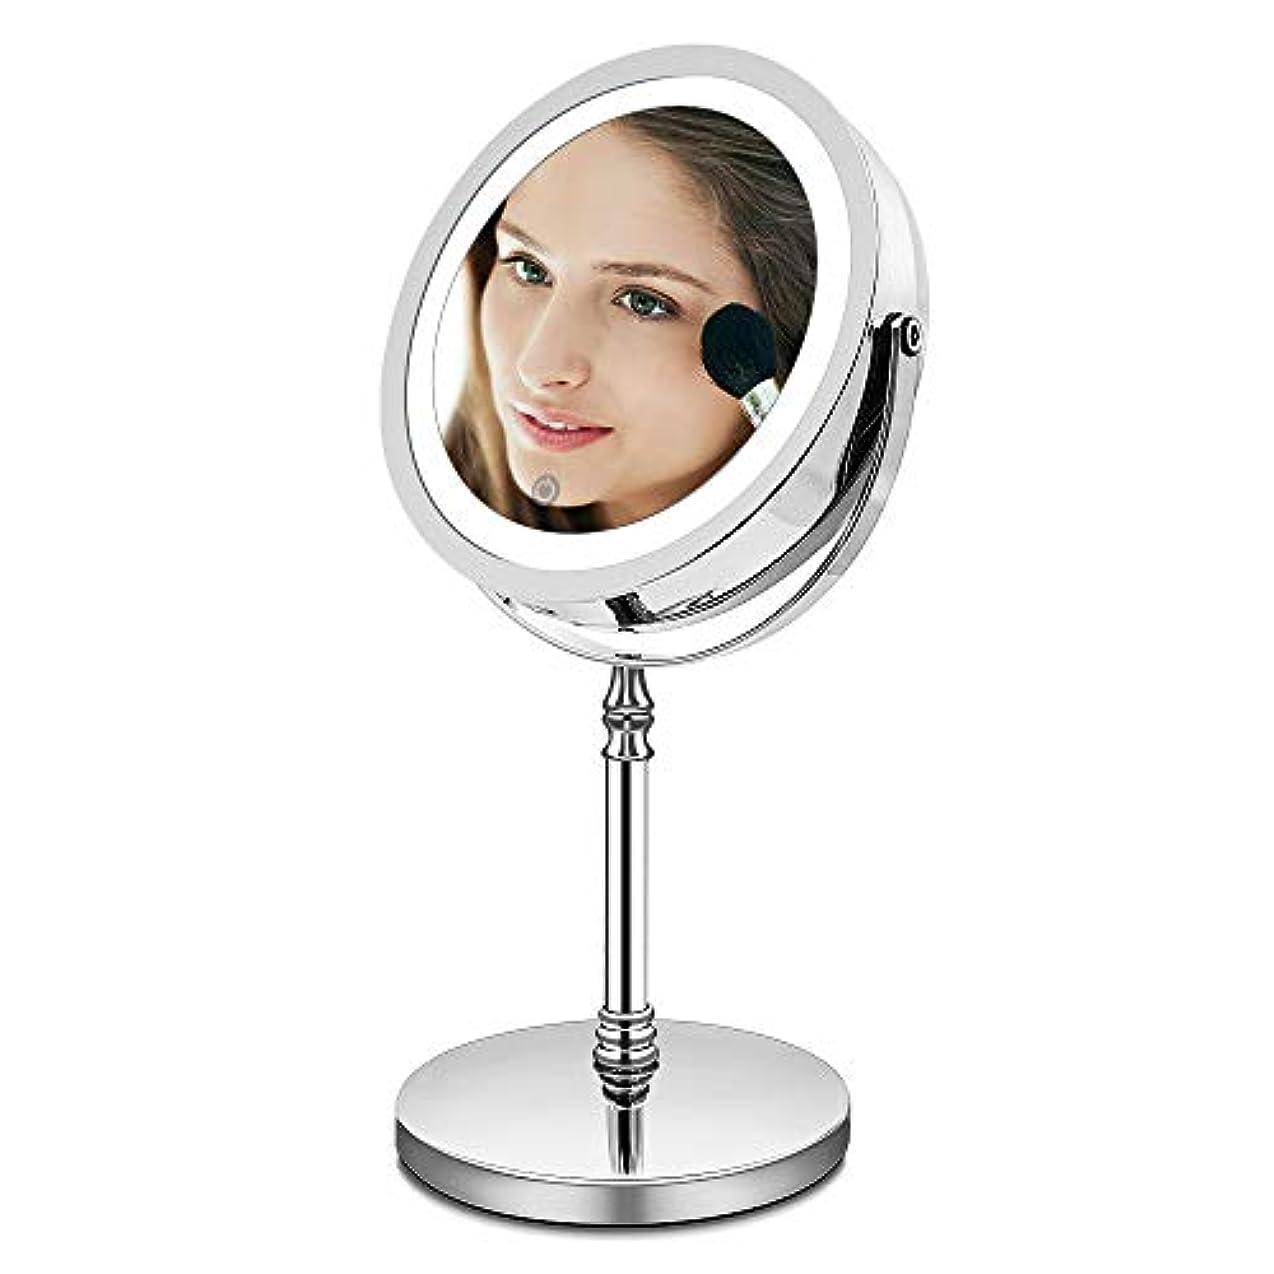 徹底死すべき角度AMZTOLIFE 10倍拡大鏡+等倍鏡 化粧鏡 ライト付き 卓上鏡 ミラー 鏡 化粧ミラー メイクアップミラー スタンドミラー 360度回転 明るさ調節 日本語取扱説明書付き (タイチー)